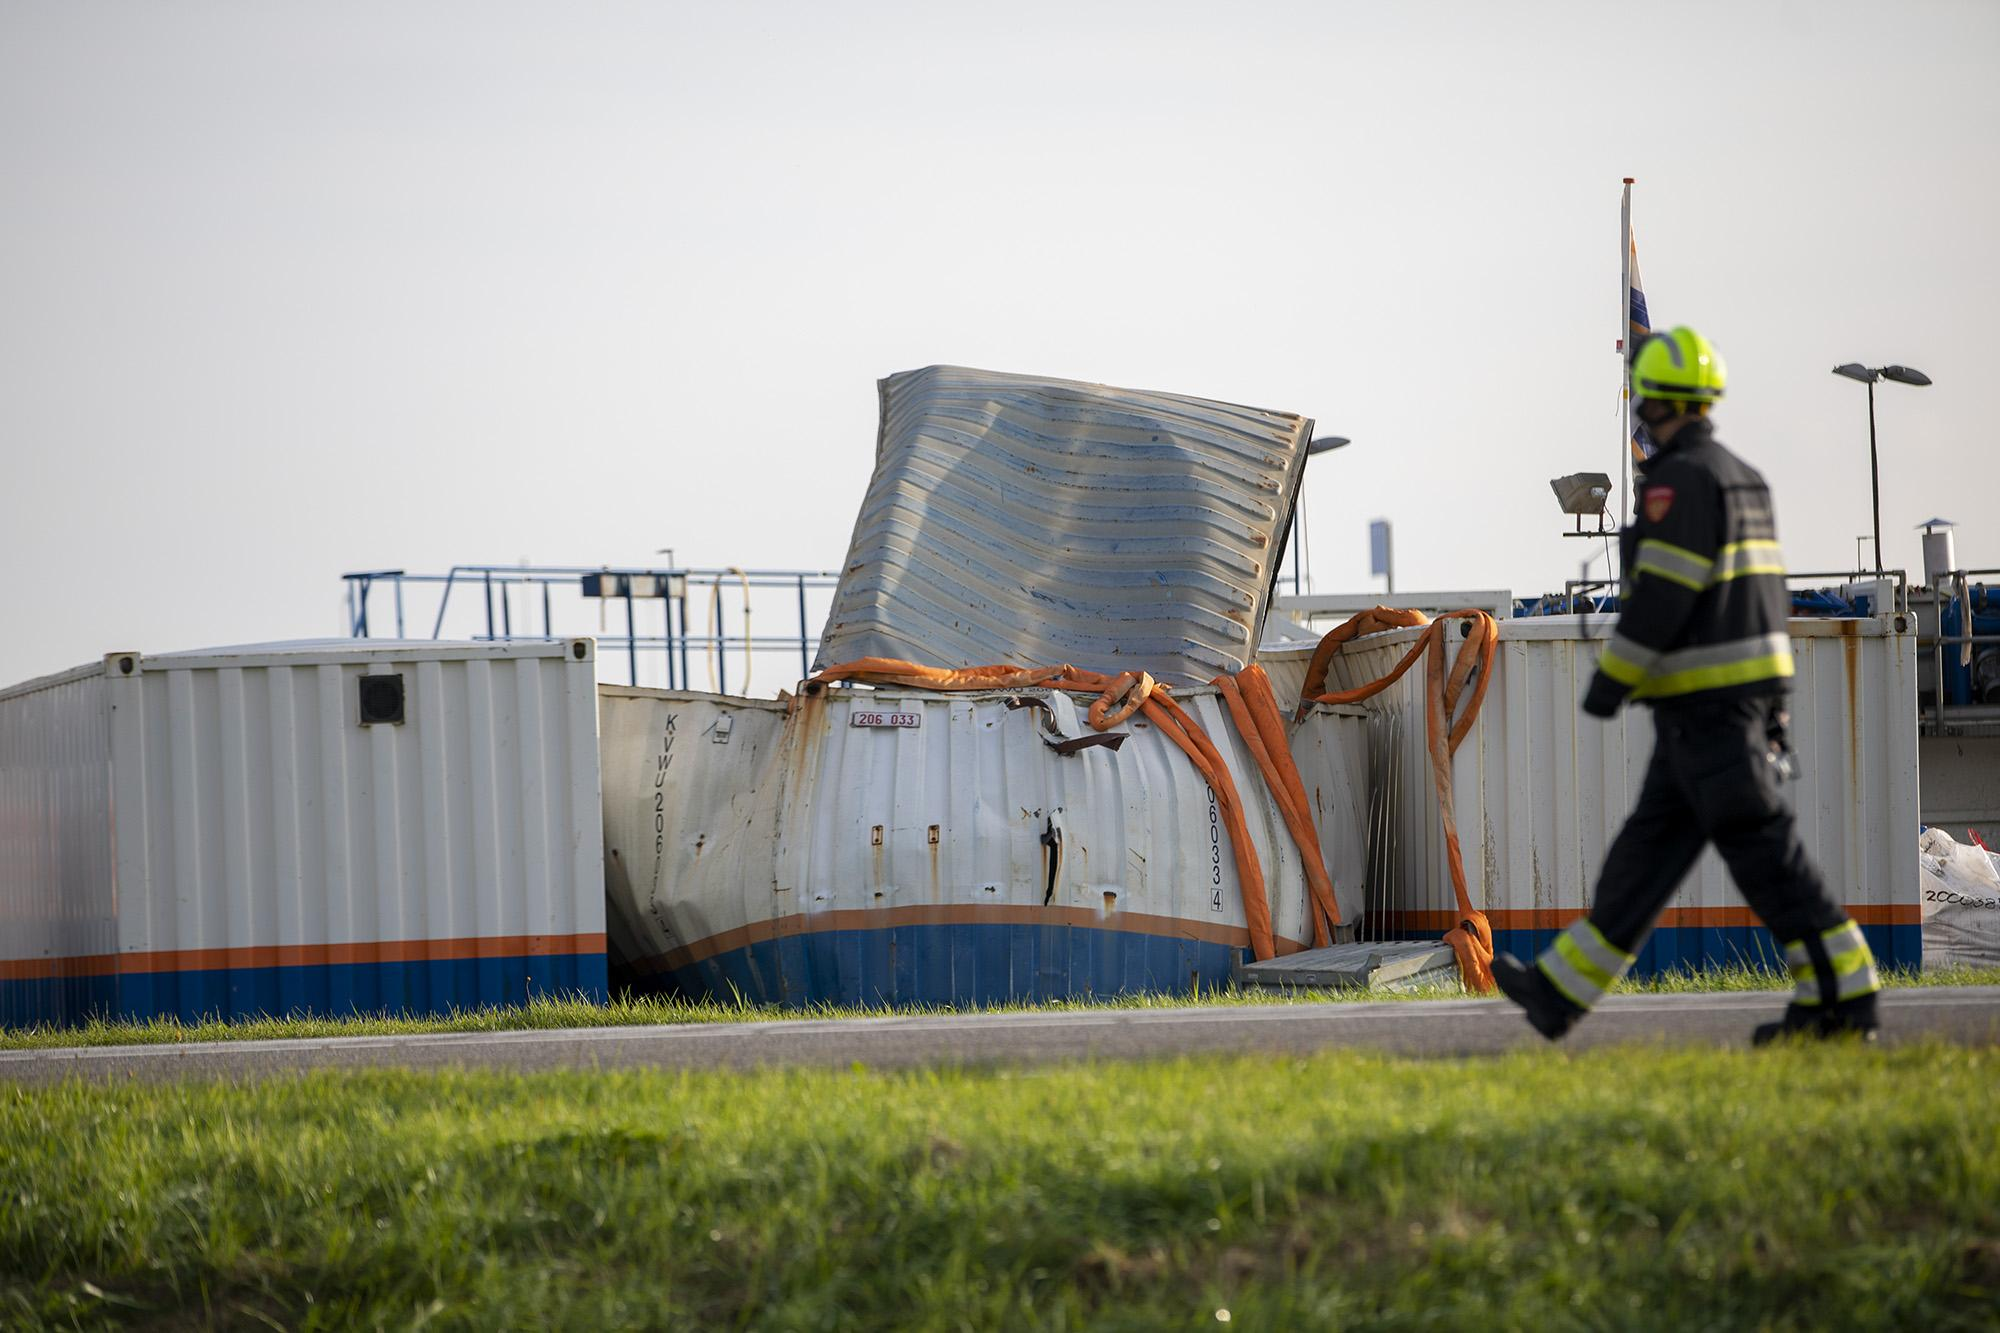 Lekkende gasfles zorgt voor flinke explosie in container in Vijfhuizen [update]